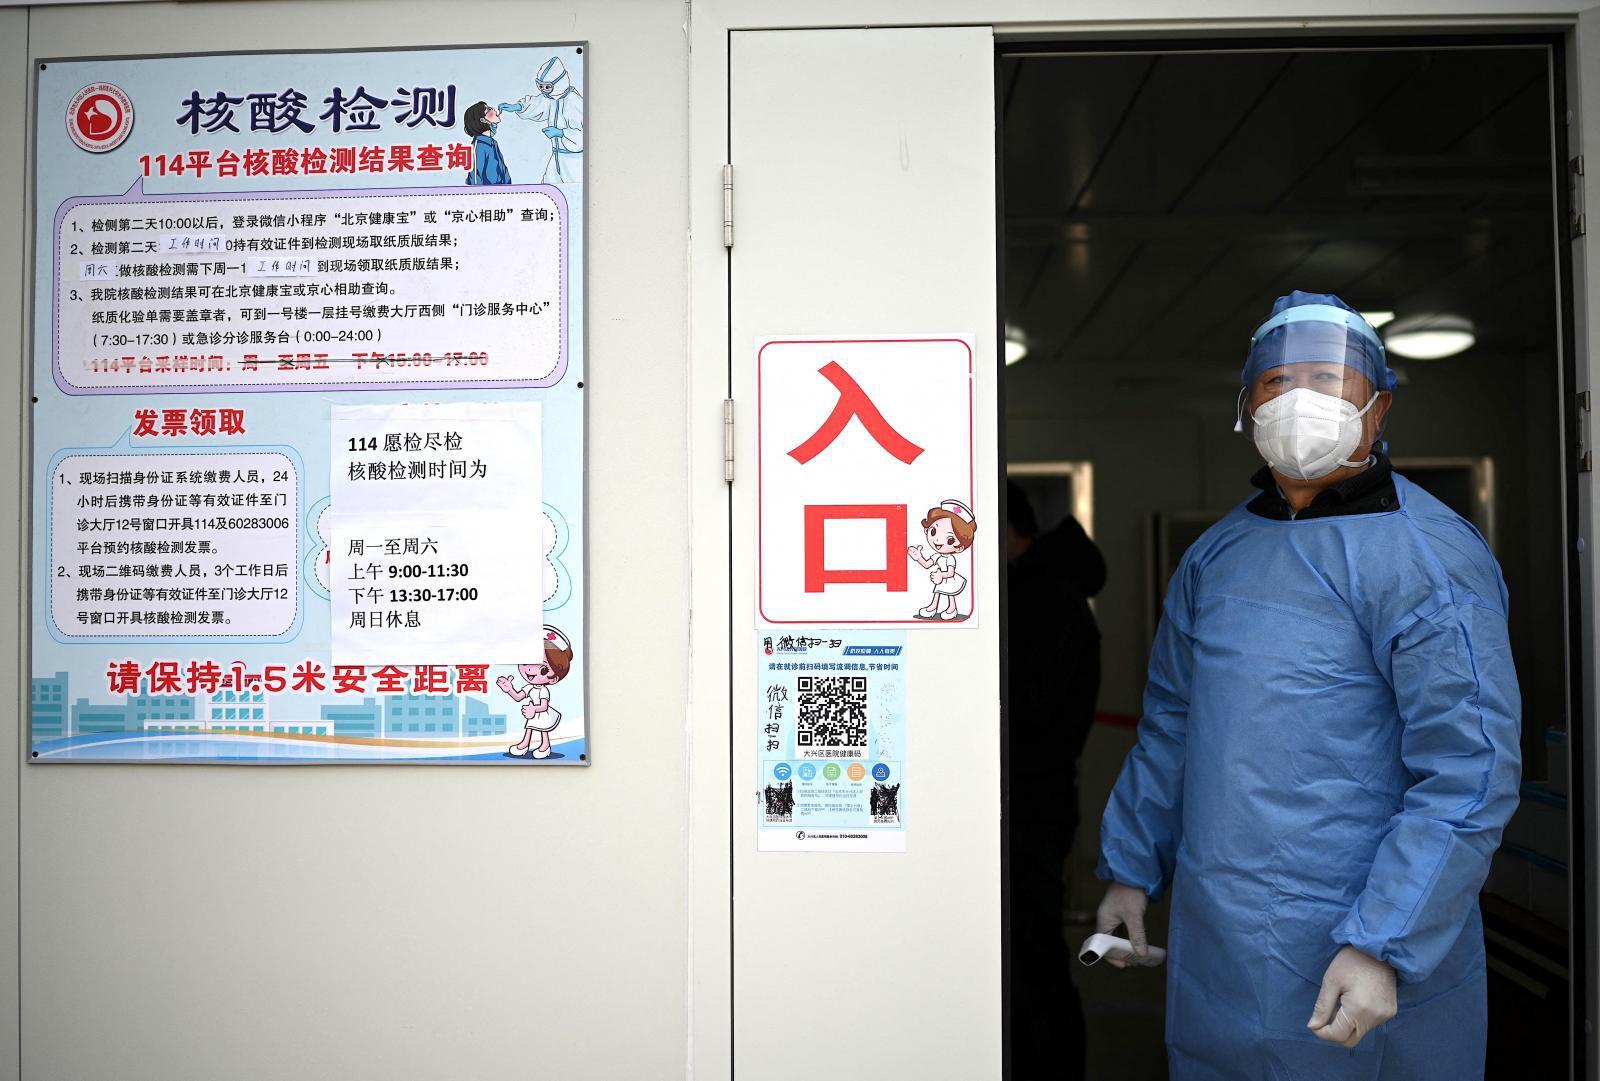 โควิด-19 สายพันธุ์เดลตาบุกจีน ลาม 18 มณฑล หาเชื้อเชิงรุกวันละหลายล้าน